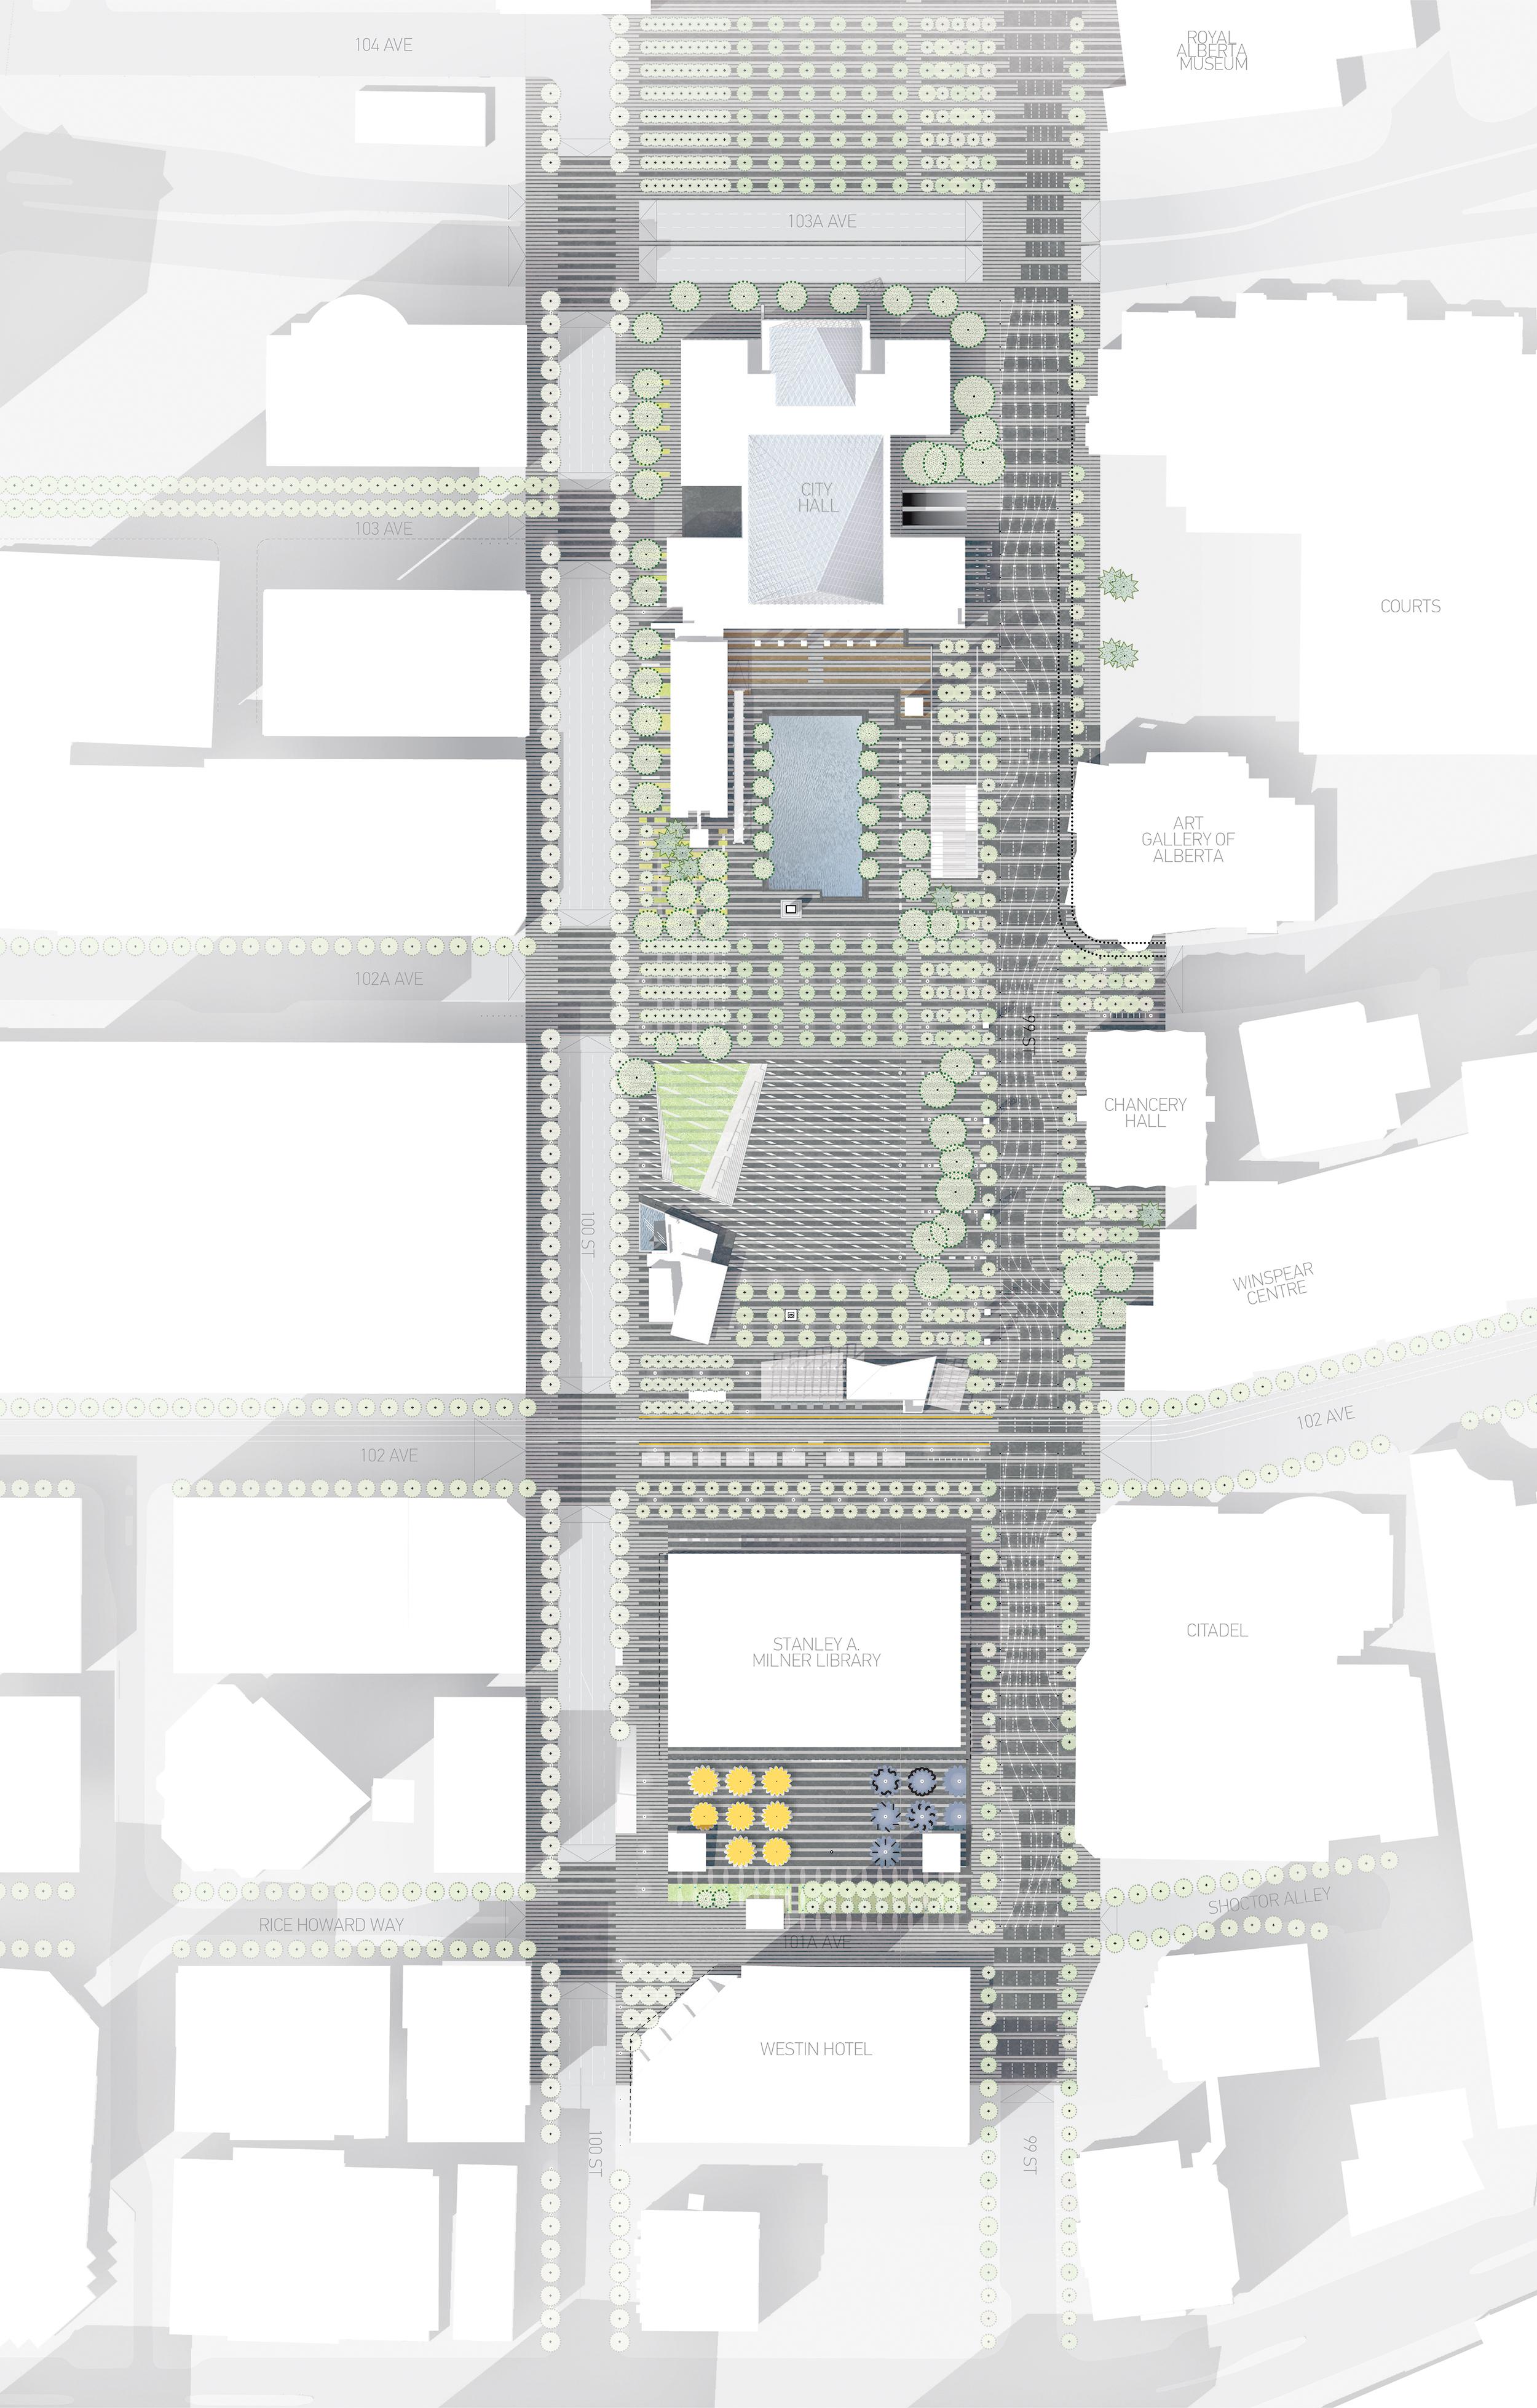 Edmonton Civic Precinct Master Plan - Full Plan Drawing